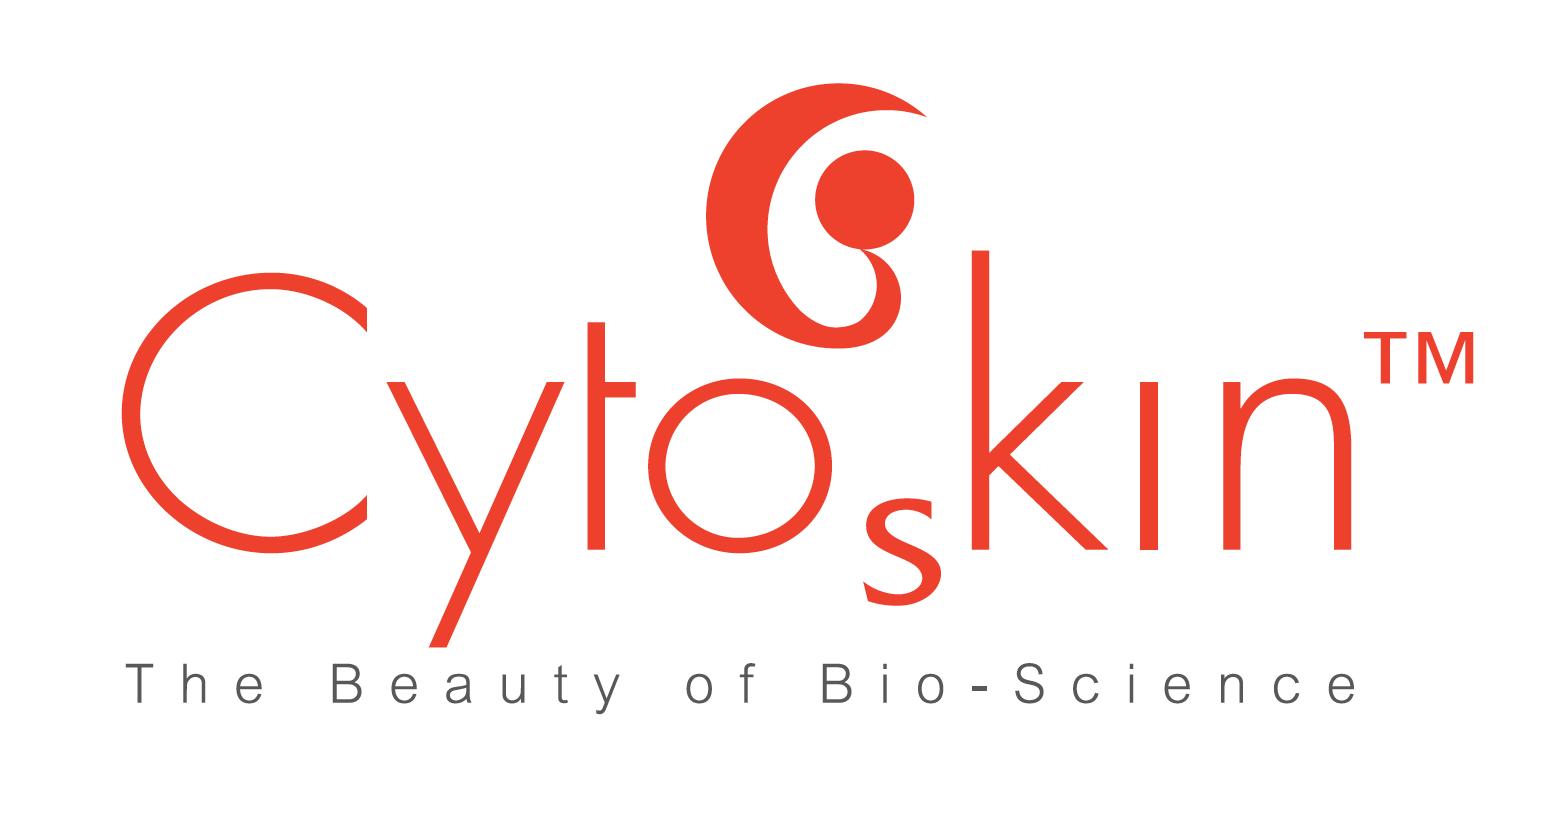 CytoSkin